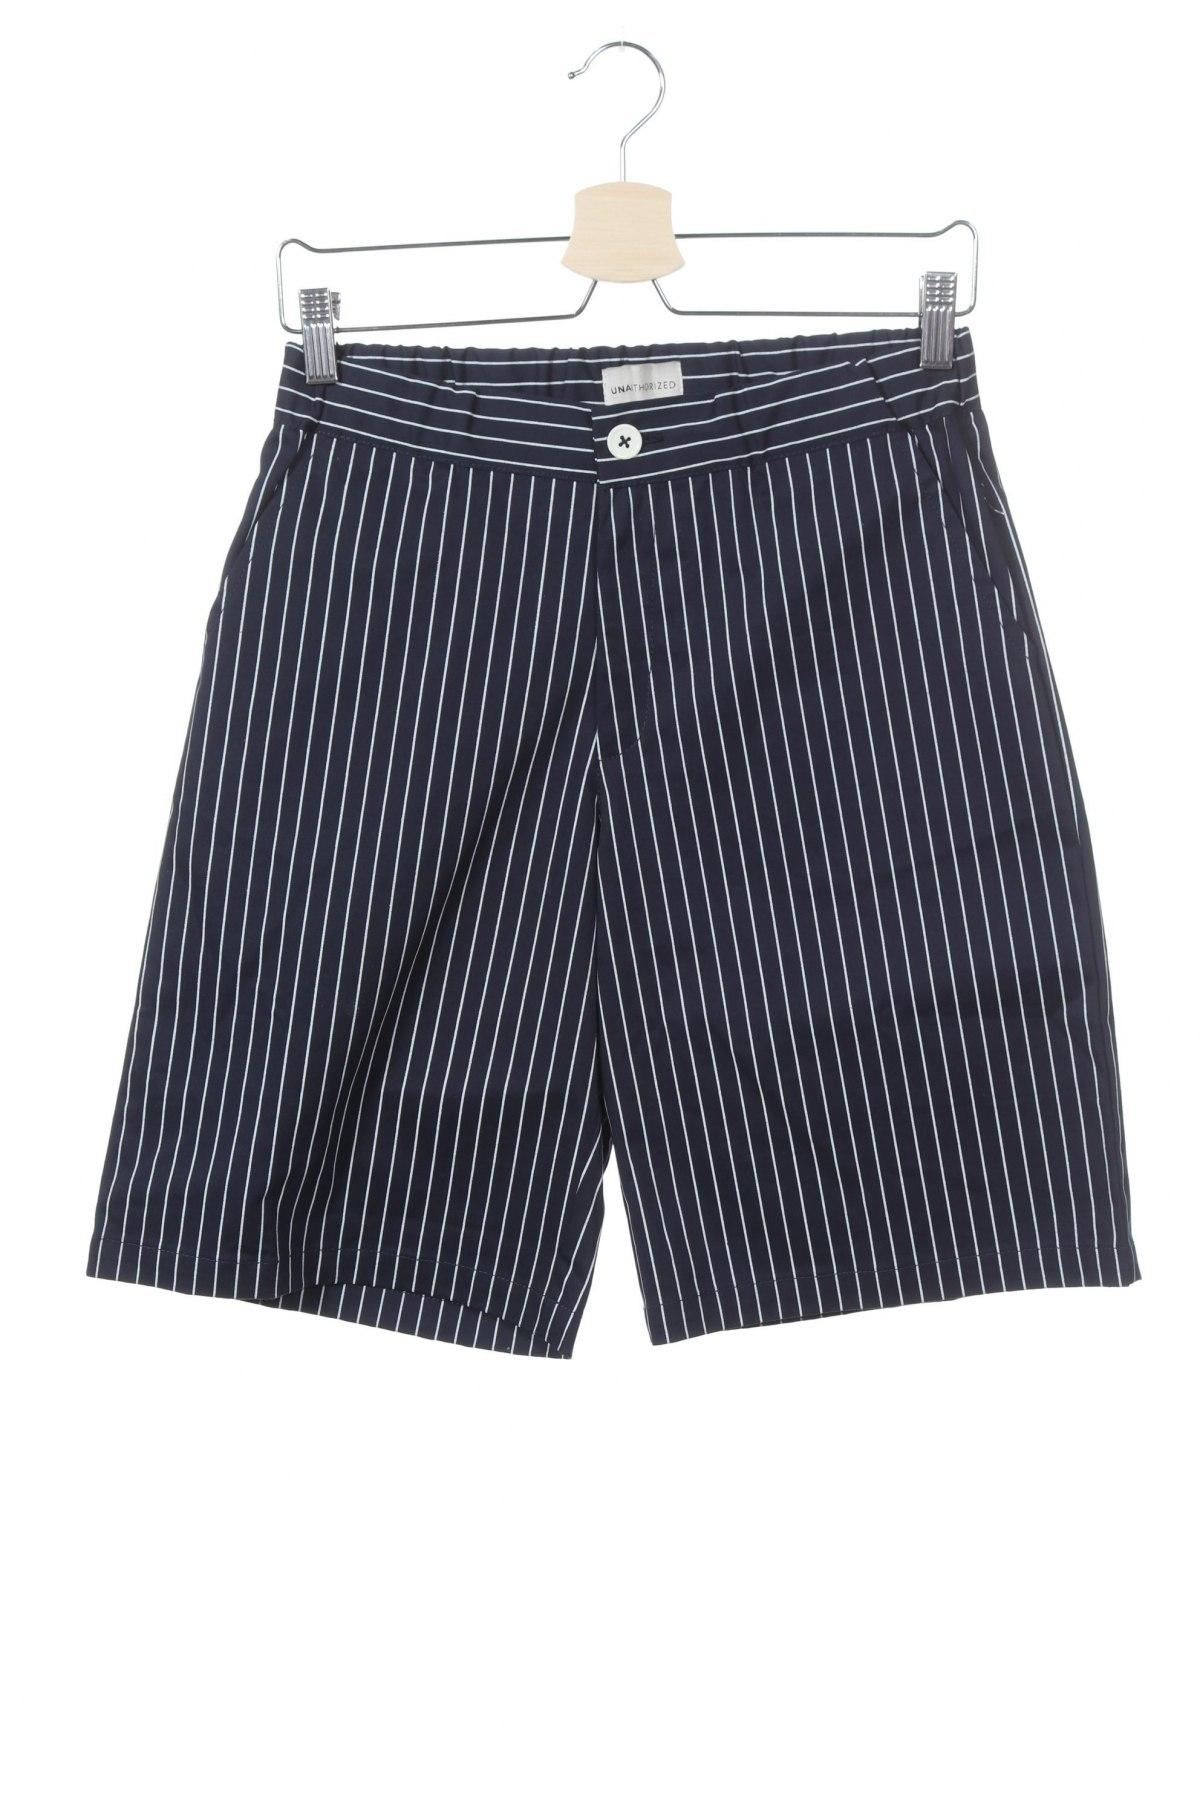 Παιδικό κοντό παντελόνι Unauthorized, Μέγεθος 12-13y/ 158-164 εκ., Χρώμα Μπλέ, 97% βαμβάκι, 3% ελαστάνη, Τιμή 12,06€